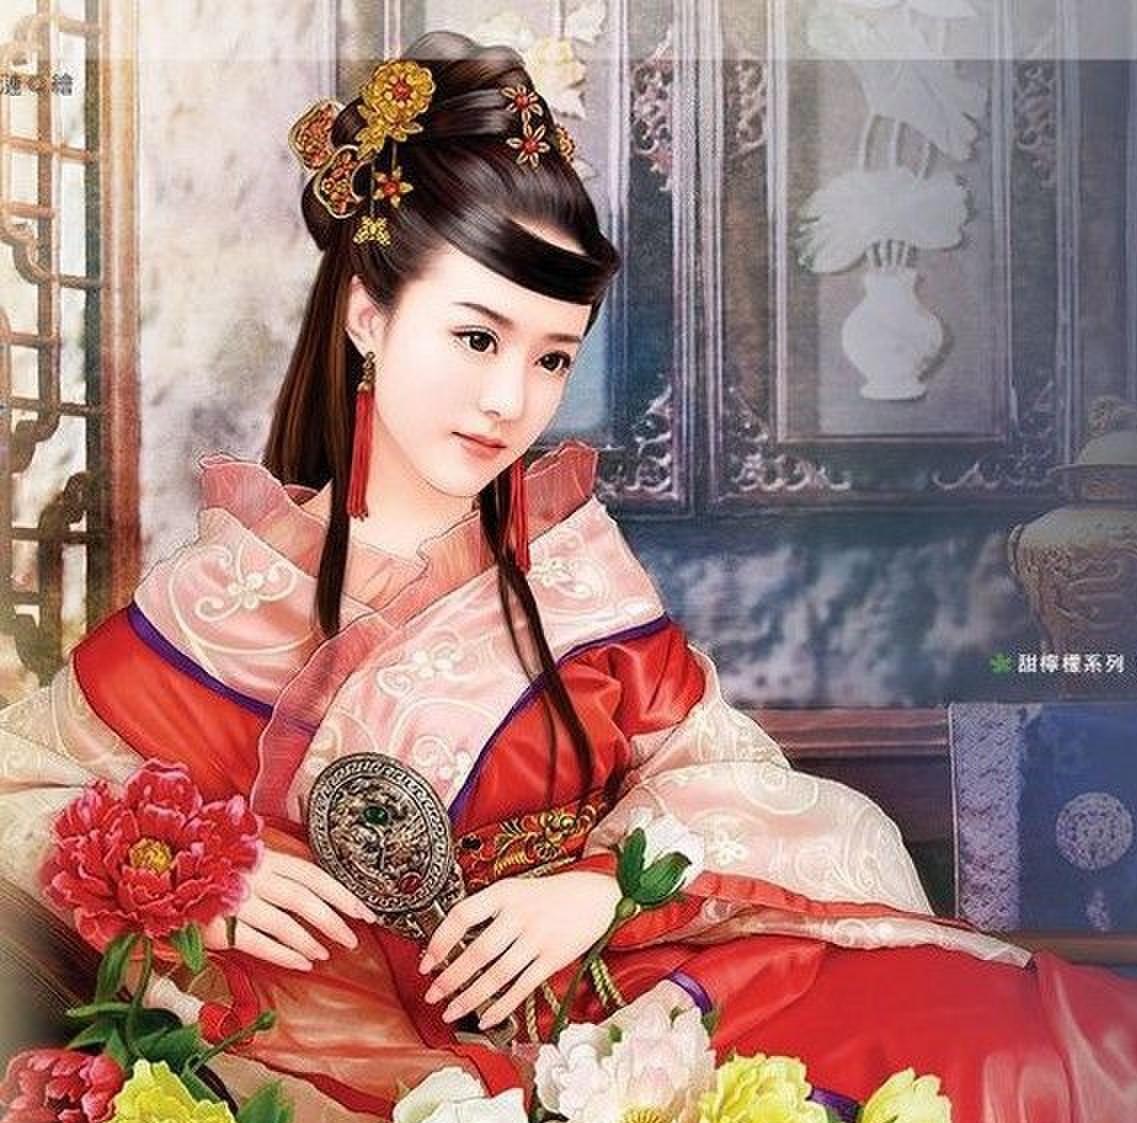 Dù là sủng phi của Huyền Tông Hoàng đế nhưng vì đâu Dương Quý Phi lại không được sắc phong làm Hoàng hậu? 1